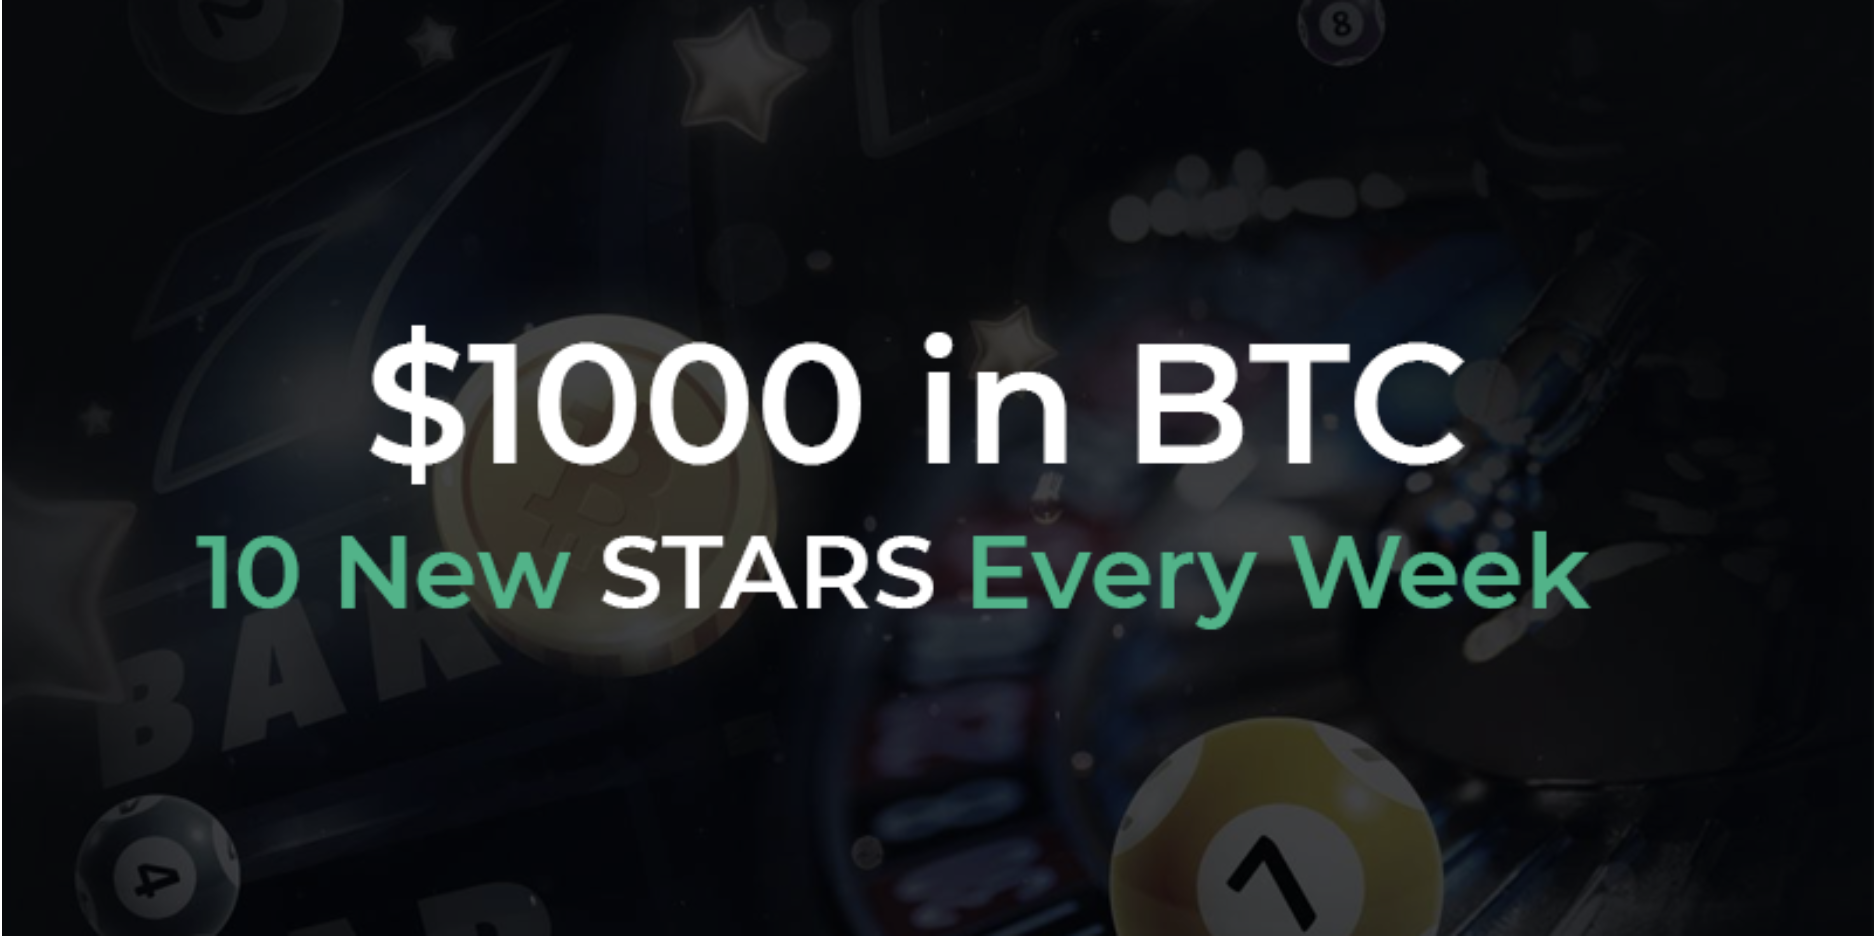 """Bitcoin.com lanza la tabla de clasificación de Games Stars: gana BTC todas las semanas """"width ="""" 1876 """"height ="""" 936 """"srcset ="""" https://news.bitcoin.com/wp-content/uploads/2019/10/screen -shot-2019-10-04-at-23-00-50.png 1876w, https://news.bitcoin.com/wp-content/uploads/2019/10/screen-shot-2019-10-04- at-23-00-50-300x150.png 300w, https://news.bitcoin.com/wp-content/uploads/2019/10/screen-shot-2019-10-04-at-23-00-50 -768x383.png 768w, https://news.bitcoin.com/wp-content/uploads/2019/10/screen-shot-2019-10-04-at-23-00-50-1024x511.png 1024w, https : //news.bitcoin.com/wp-content/uploads/2019/10/screen-shot-2019-10-04-at-23-00-50-696x347.png 696w, https: //news.bitcoin. com / wp-content / uploads / 2019/10 / screen-shot-2019-10-04-at-23-00-50-1392x695.png 1392w, https://news.bitcoin.com/wp-content/uploads /2019/10/screen-shot-2019-10-04-at-23-00-50-1068x533.png 1068w, https://news.bitcoin.com/wp-content/uploads/2019/10/screen- shot-2019-10-04-at-23-00-50-842x420.png 842w """"tamaños ="""" (ancho máximo: 1876px) 100vw, 1876px [19659004] Lanzado el 16 de septiembre, Games Stars es una promoción de la tabla de clasificación exclusiva para los juegos más solicitados de Slots, Roulette, Keno y Satoshi Circle en <a href="""